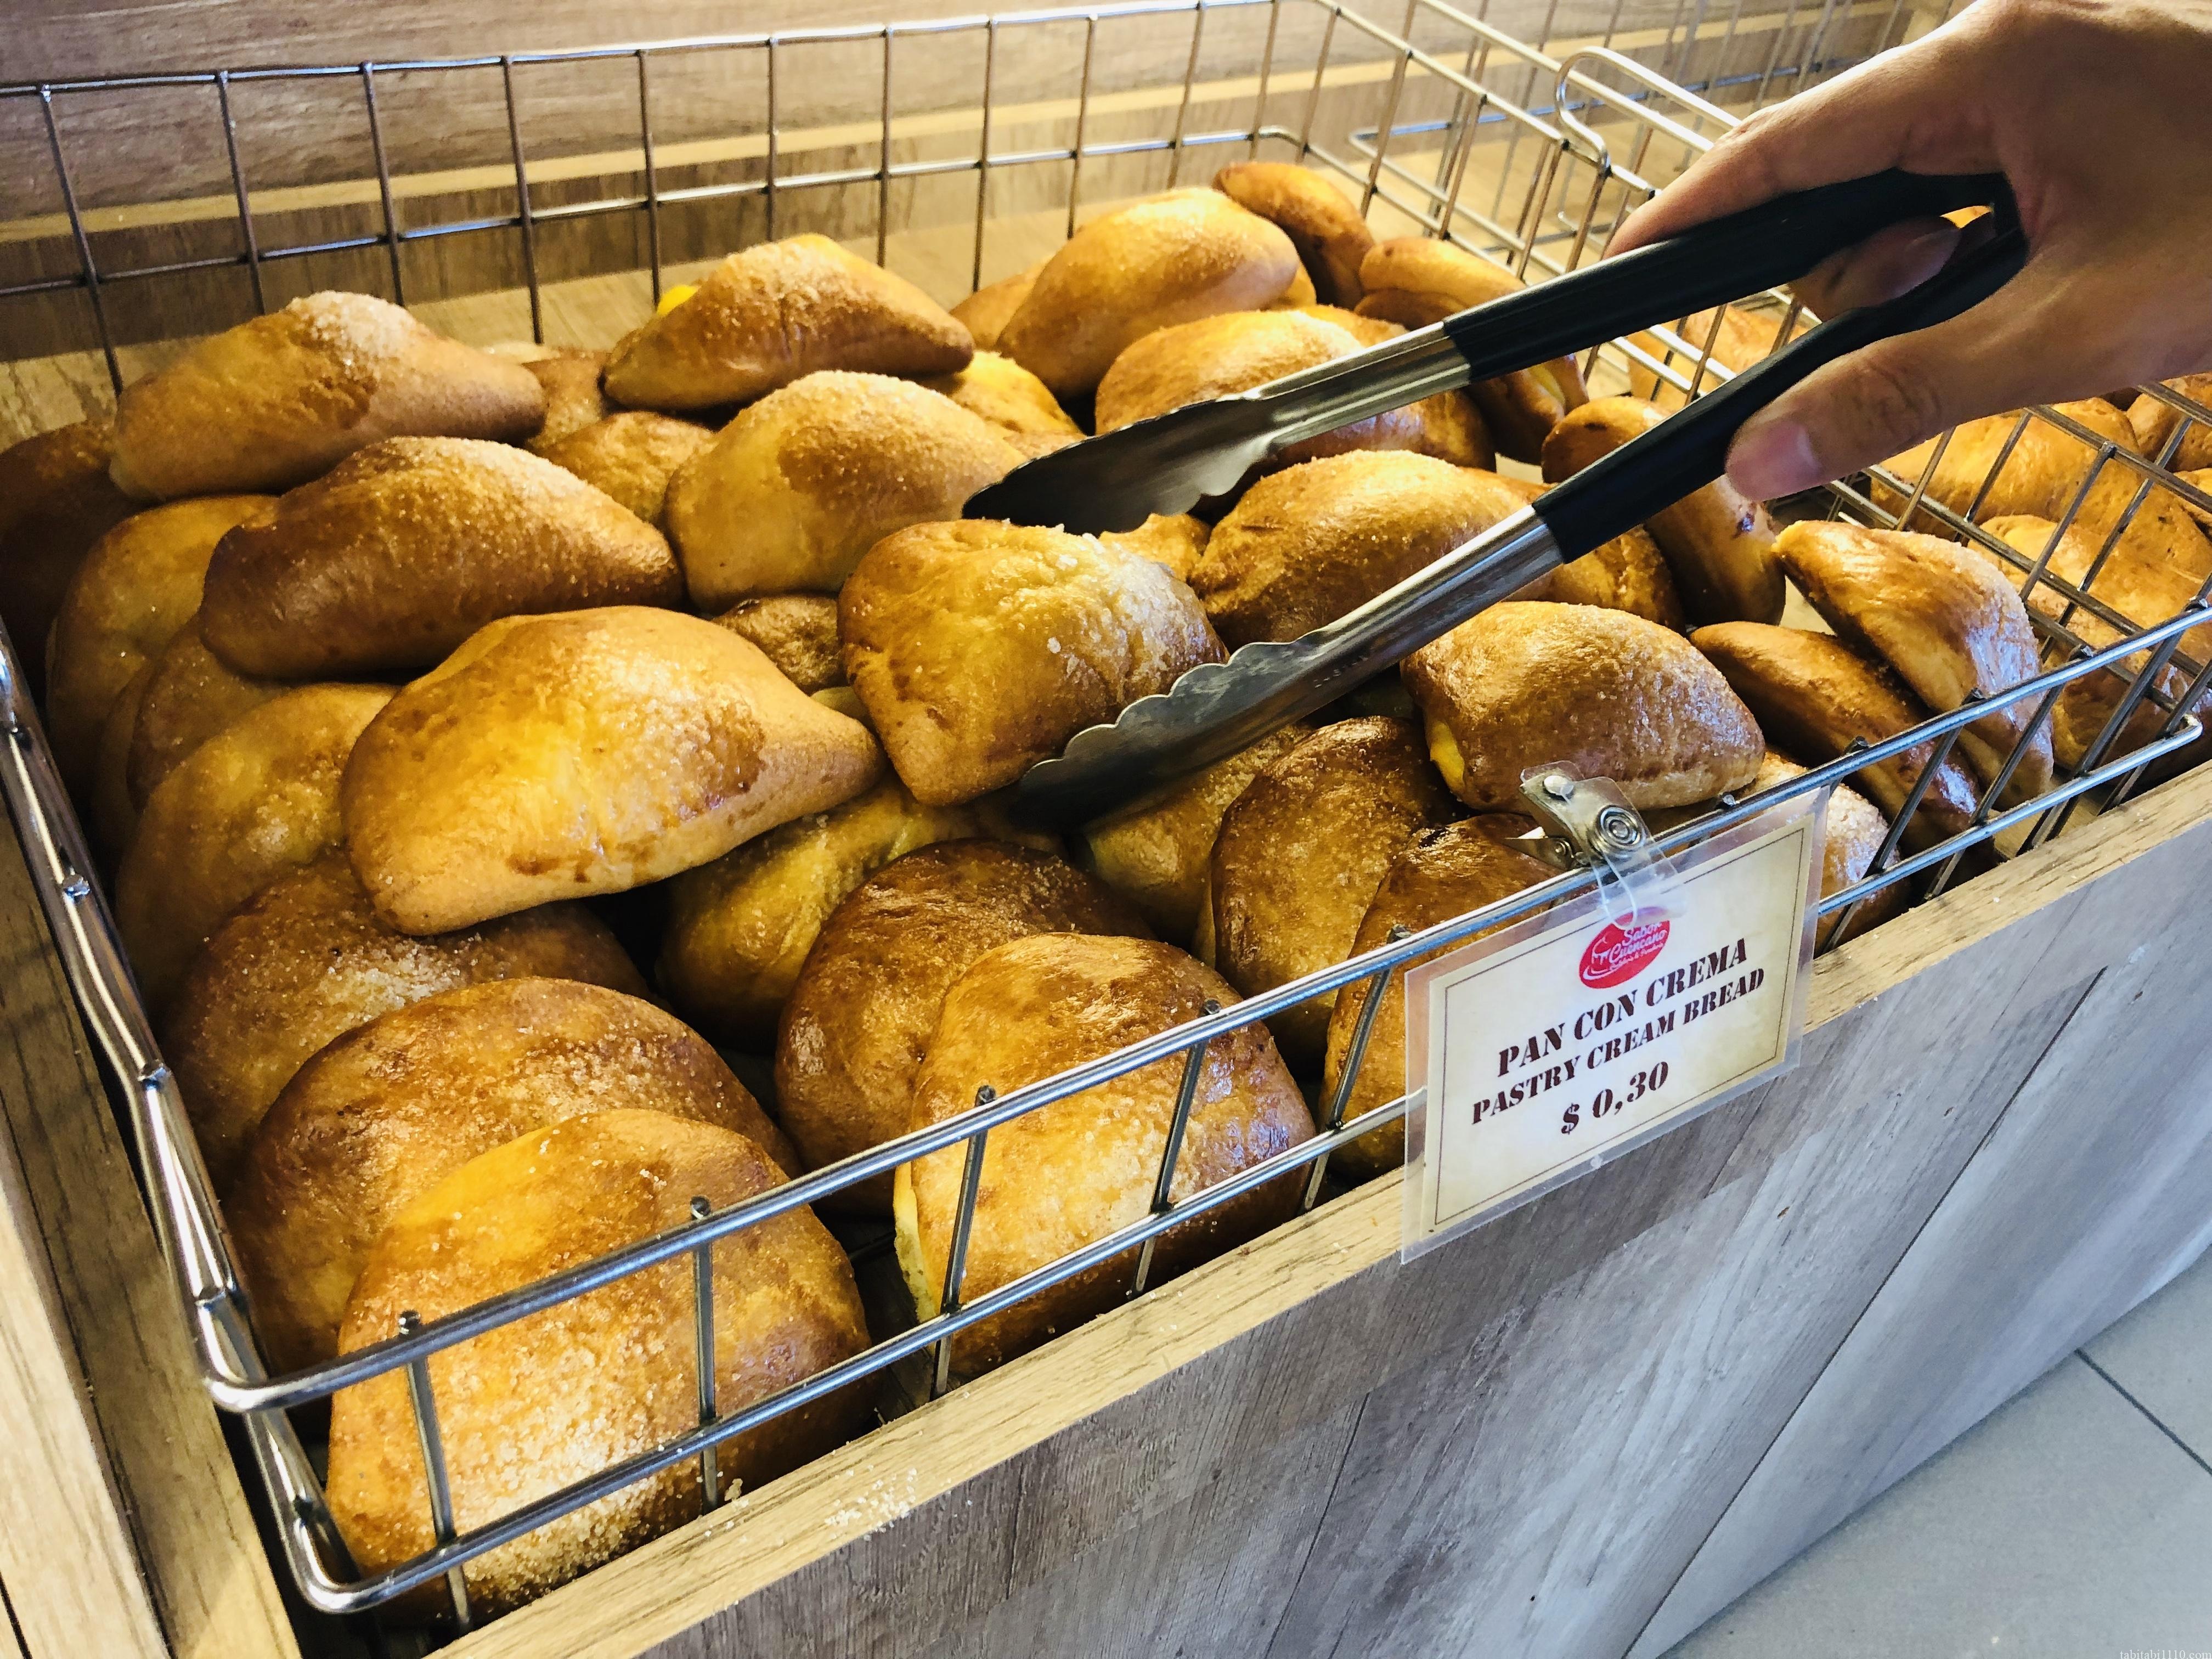 サンクリストバル島のパン屋のくりーむぱん